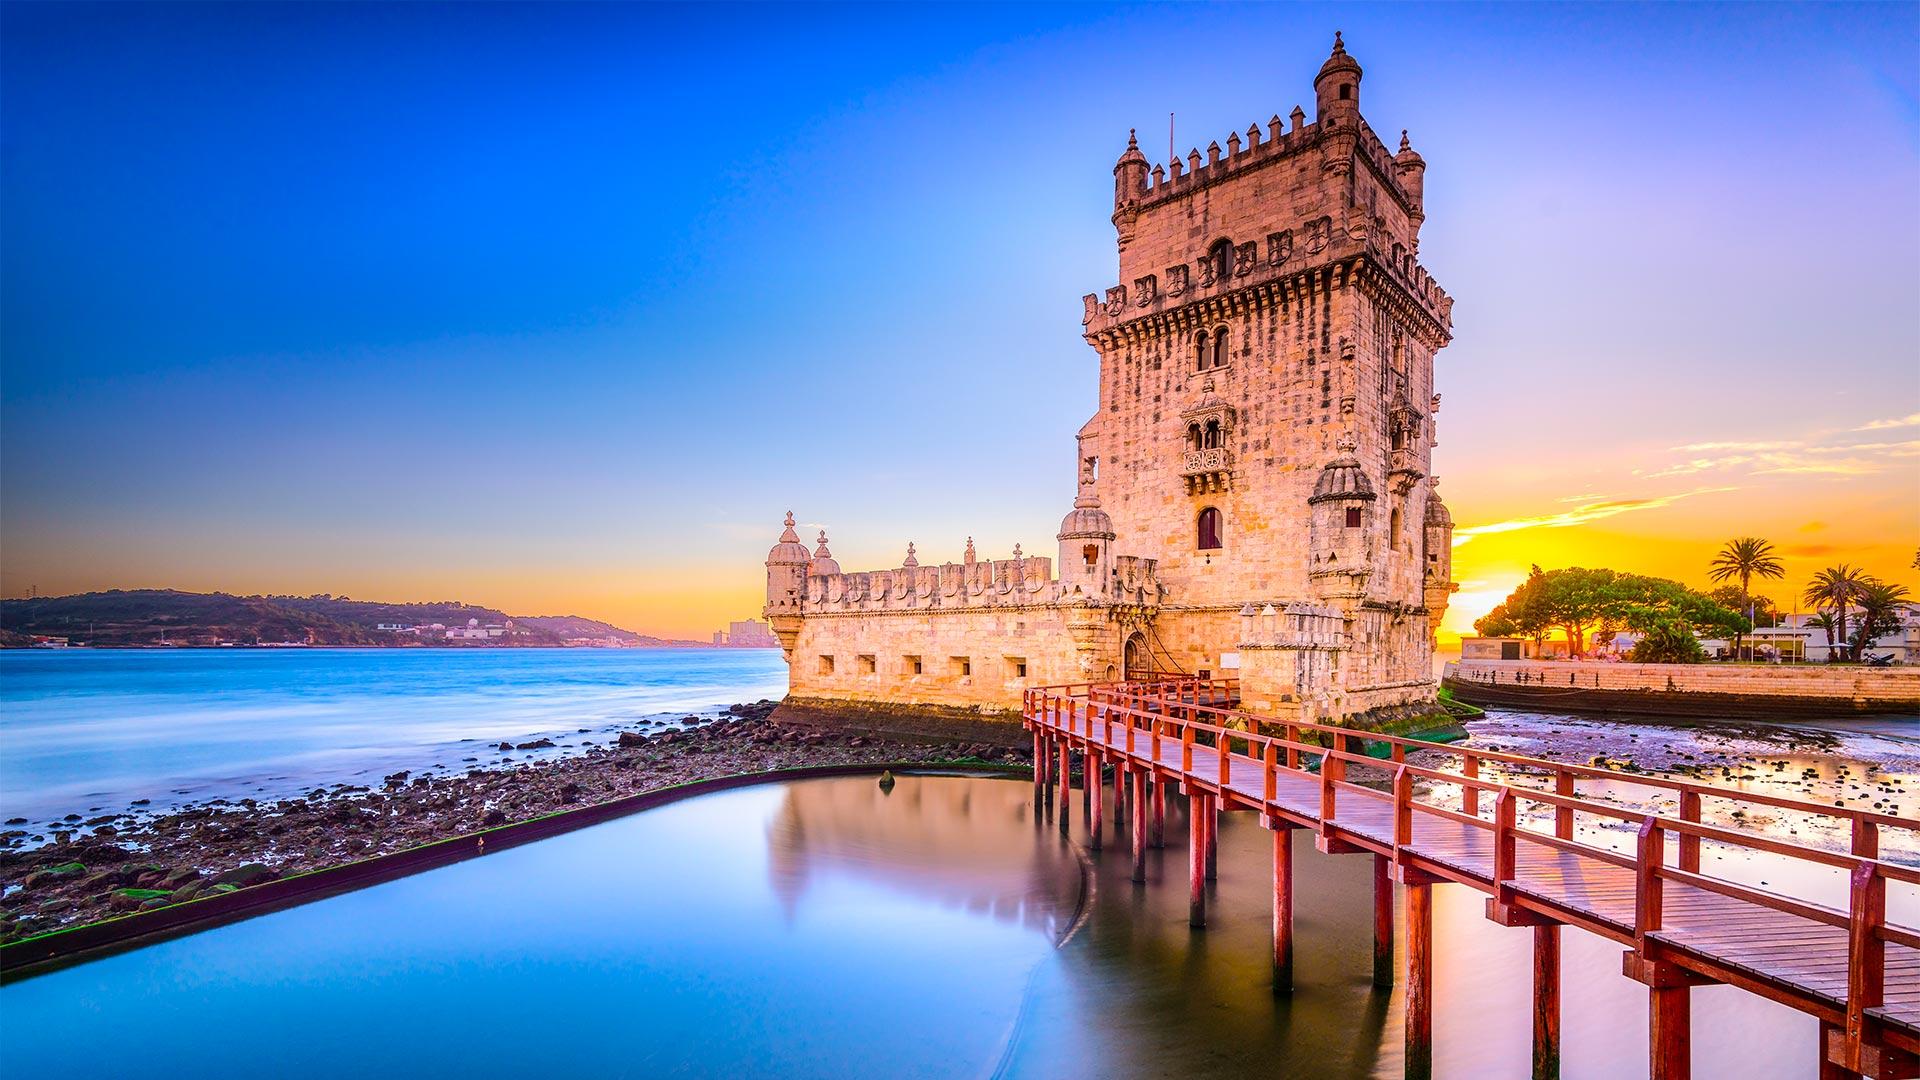 Îles Canaries, Espagne et Portugal en croisière